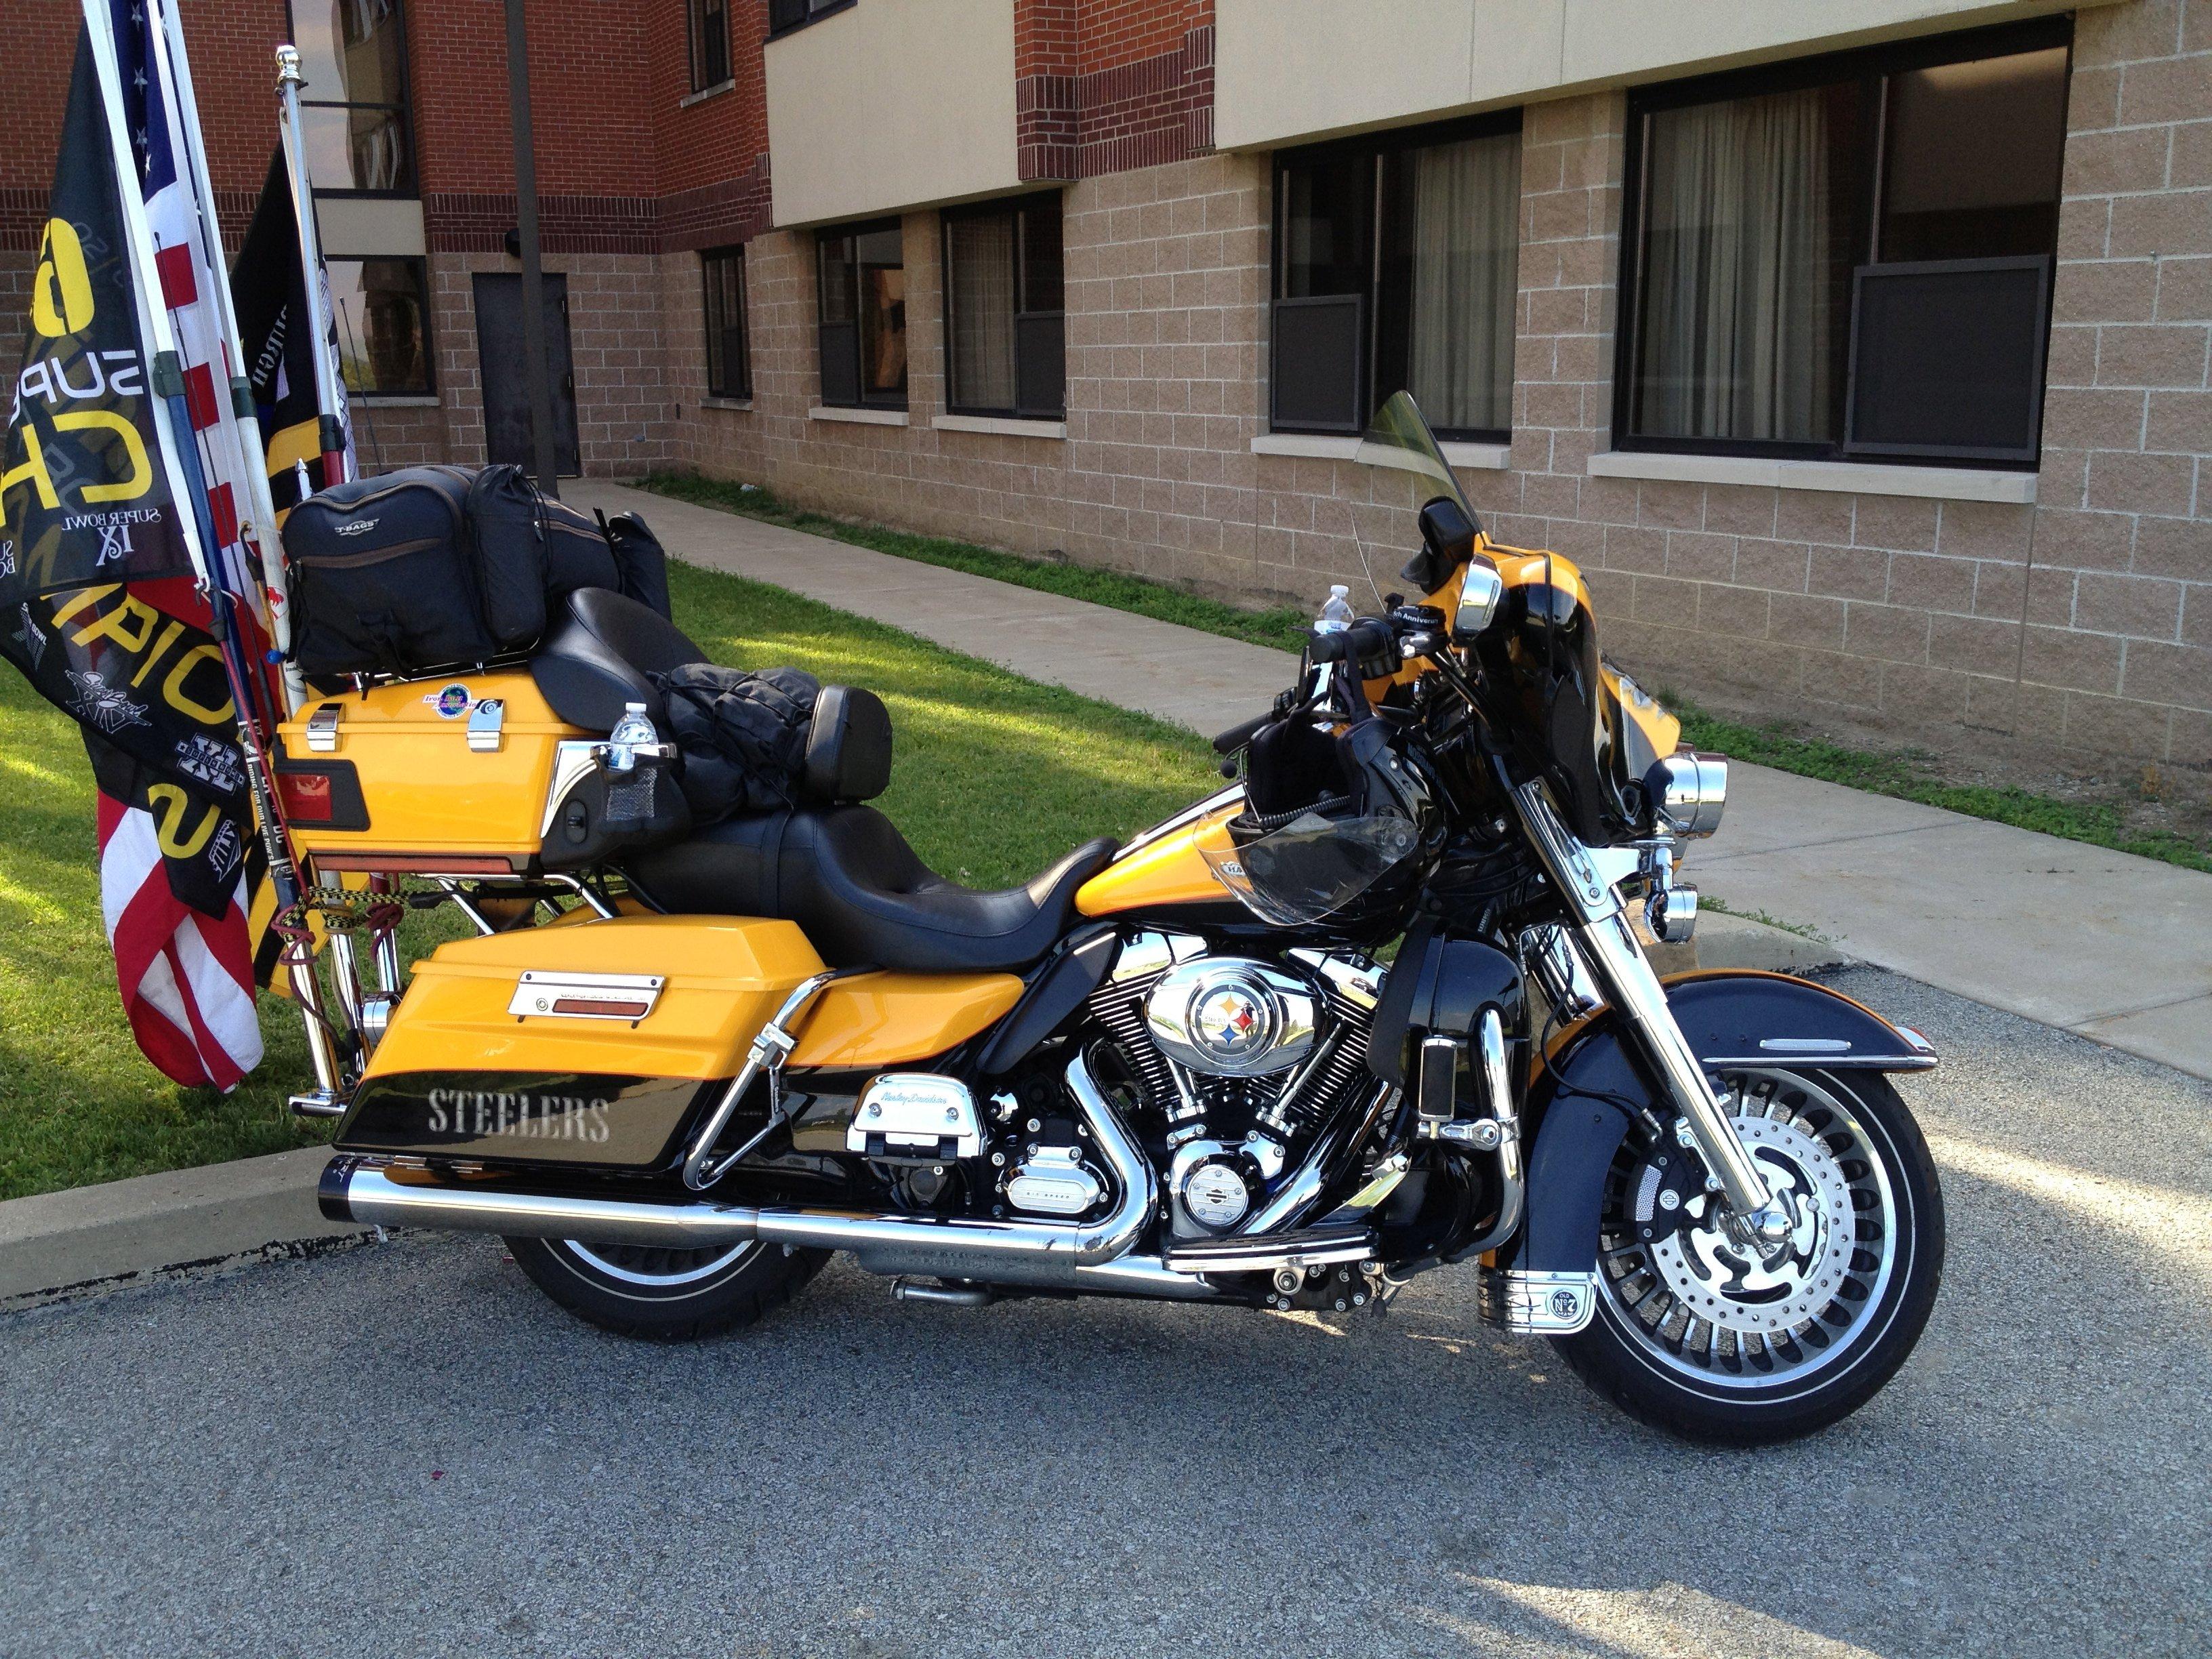 Steelers Bike owned by a true fan